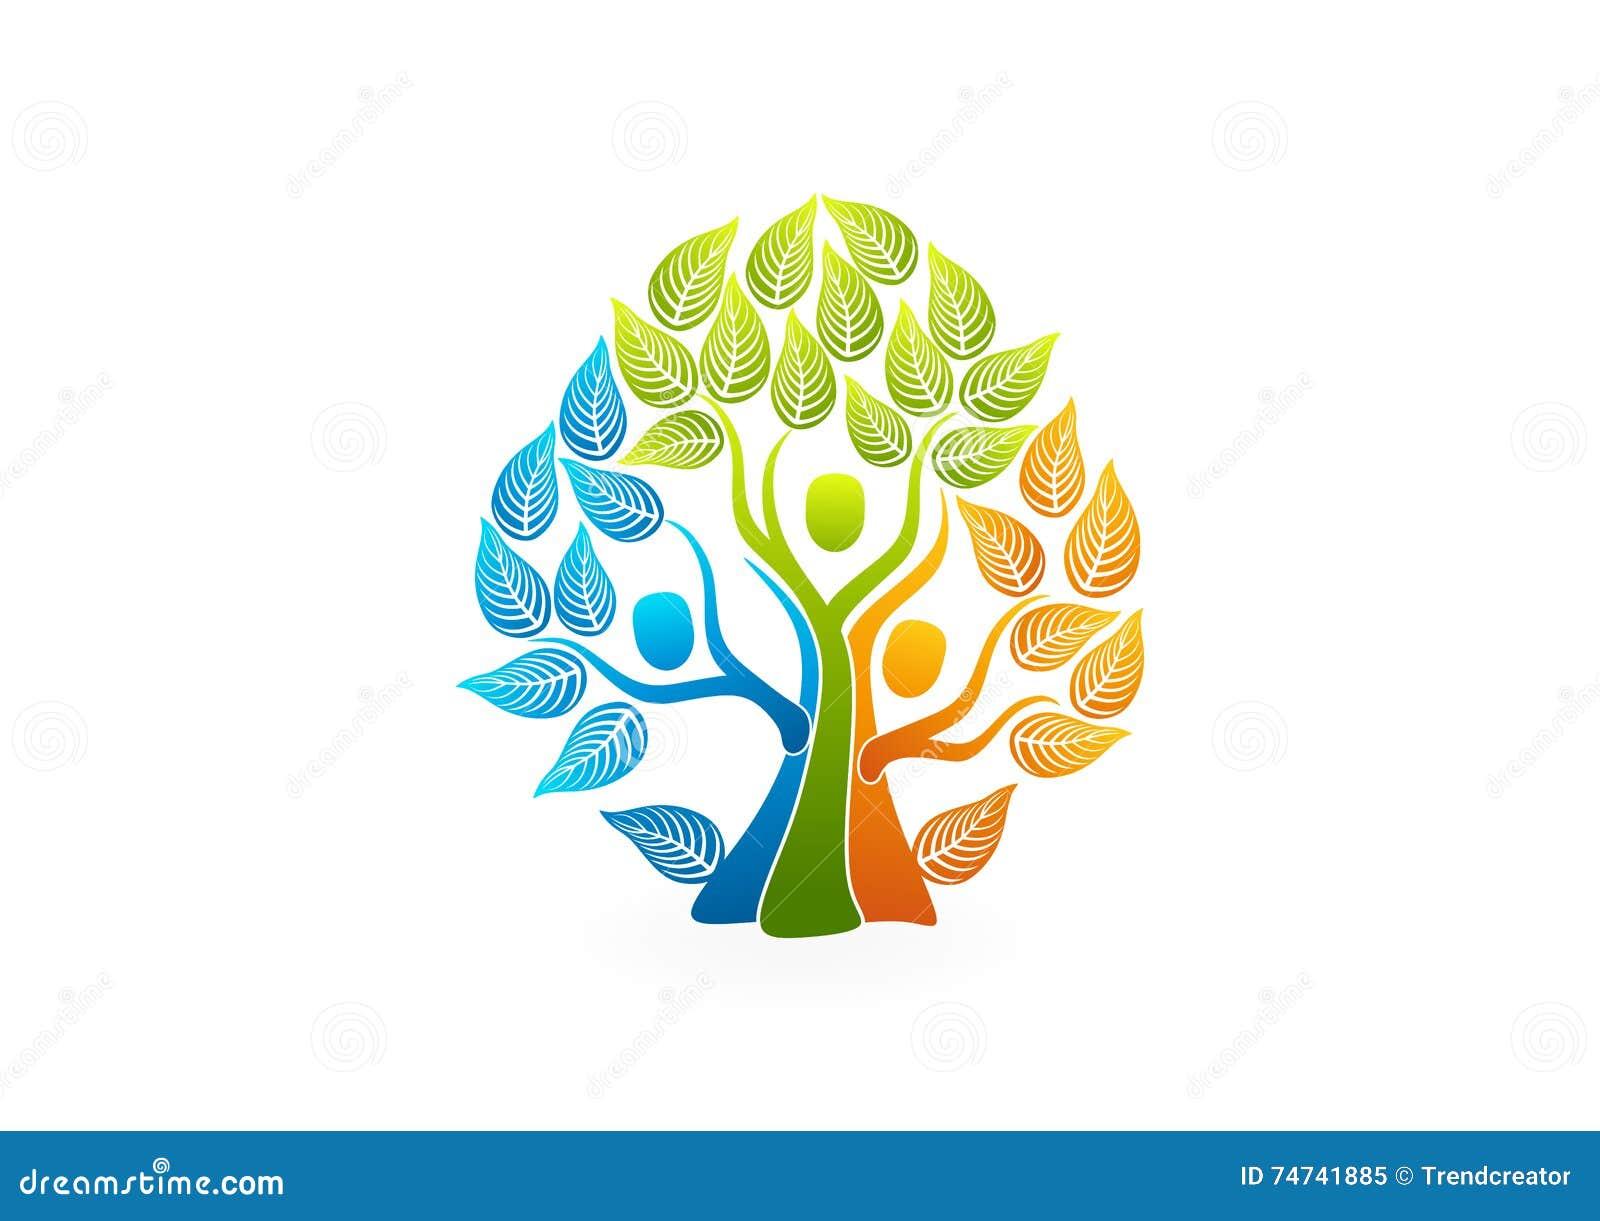 Logotipo da árvore genealógica, projeto de conceito saudável dos povos